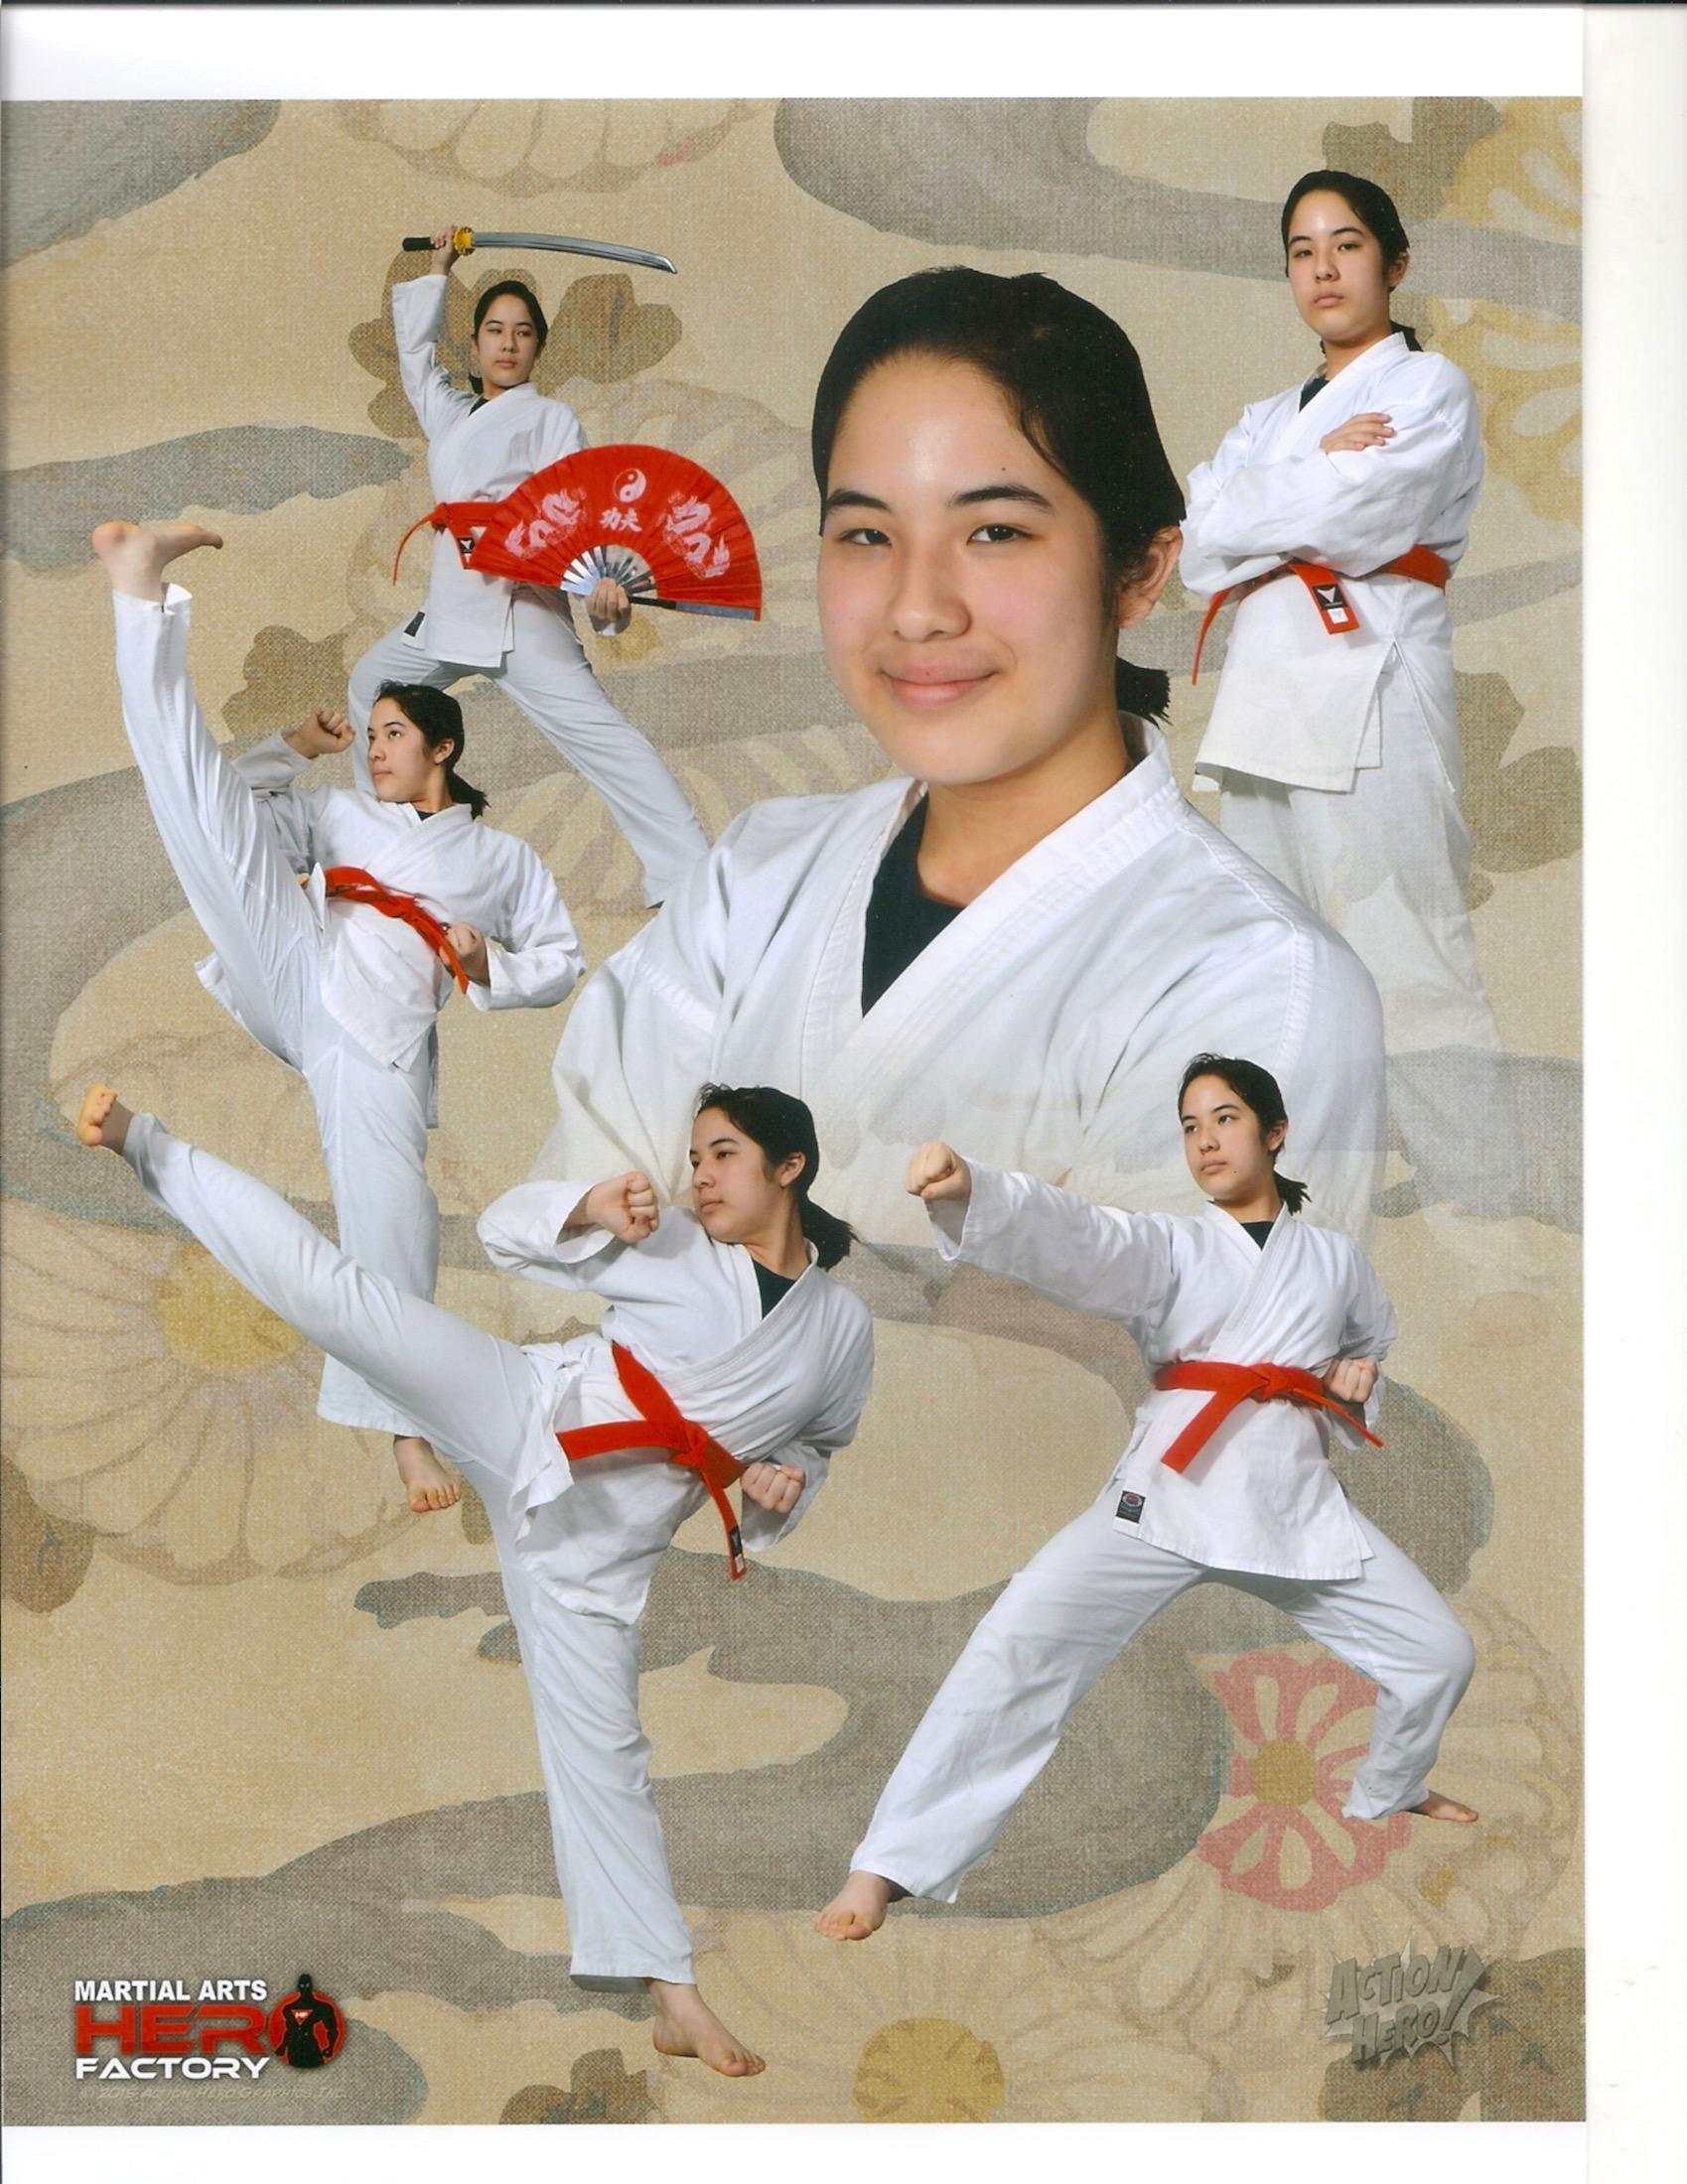 Martial Arts Hero Factory image 4